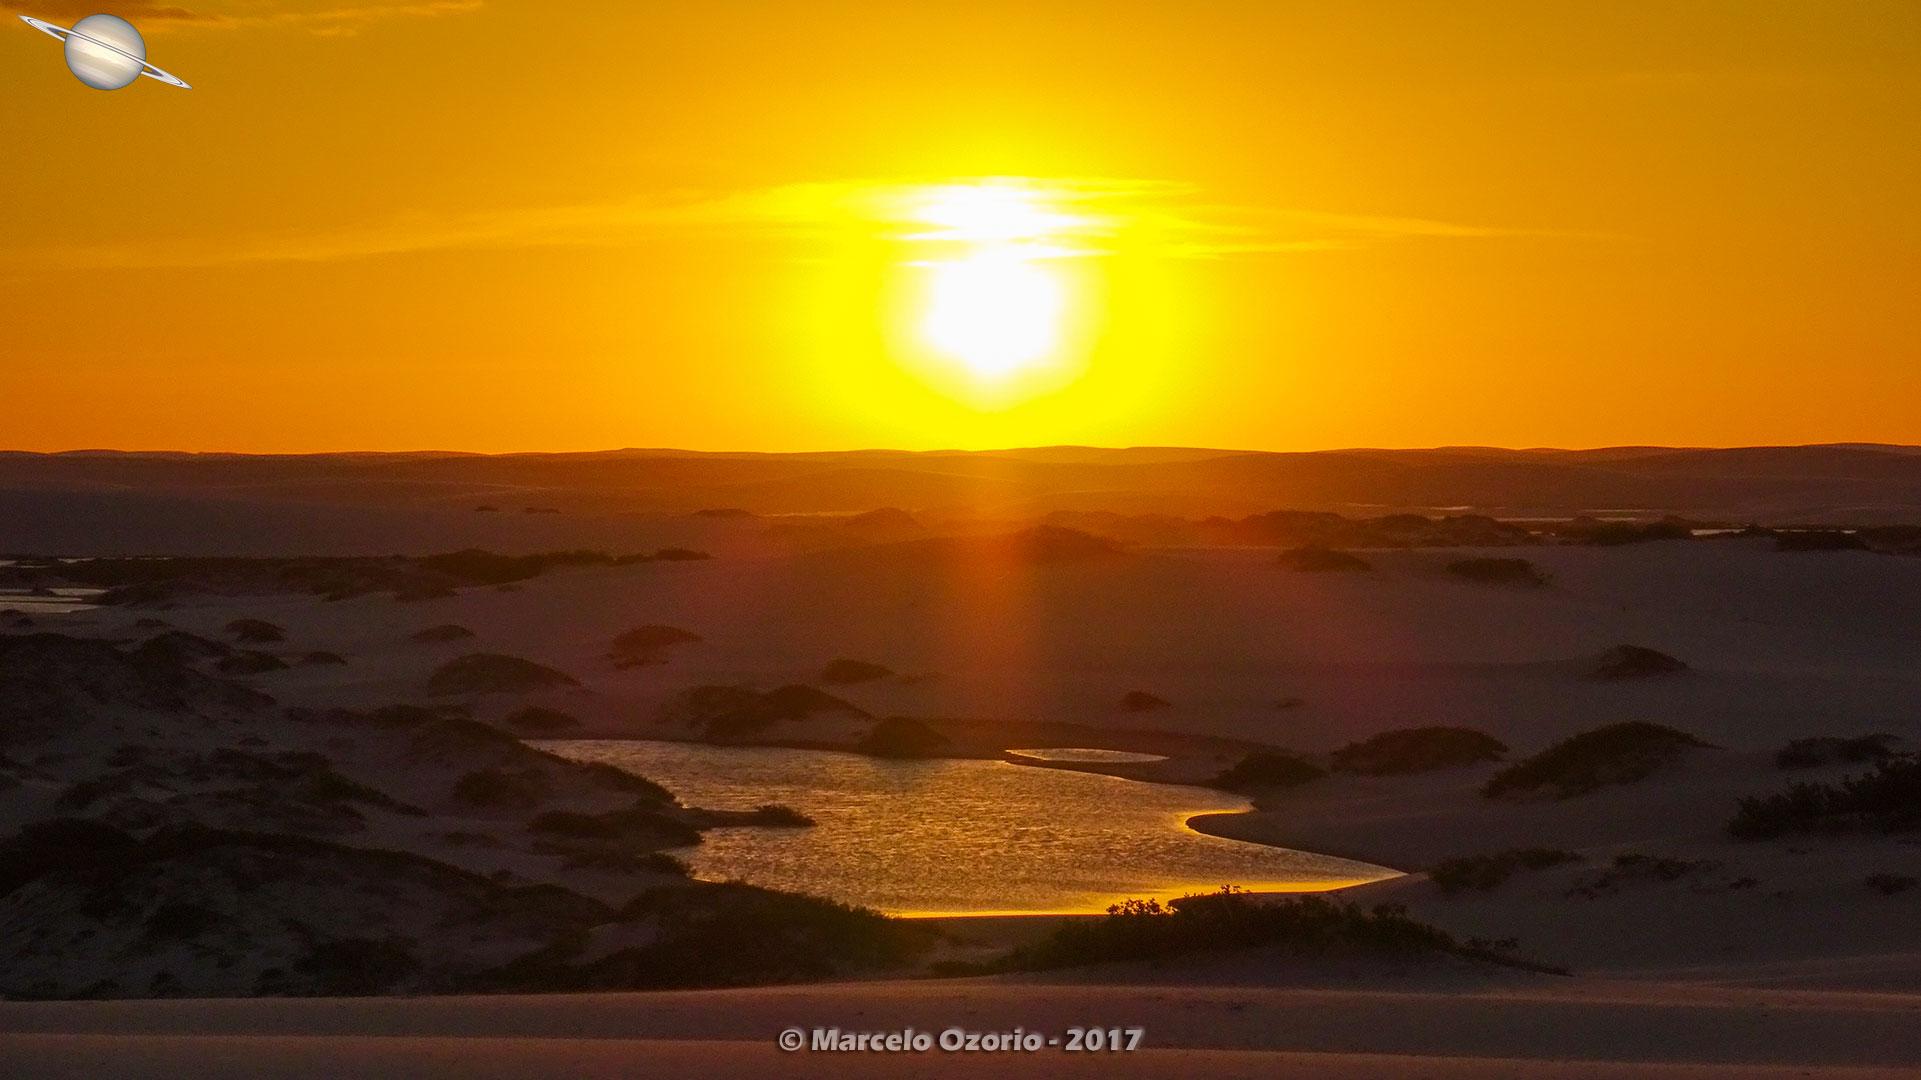 dia 3 explorando lencois manhenses 311 - Explorando o Centro do Parque Nacional dos Lençóis Maranhenses - Brasil